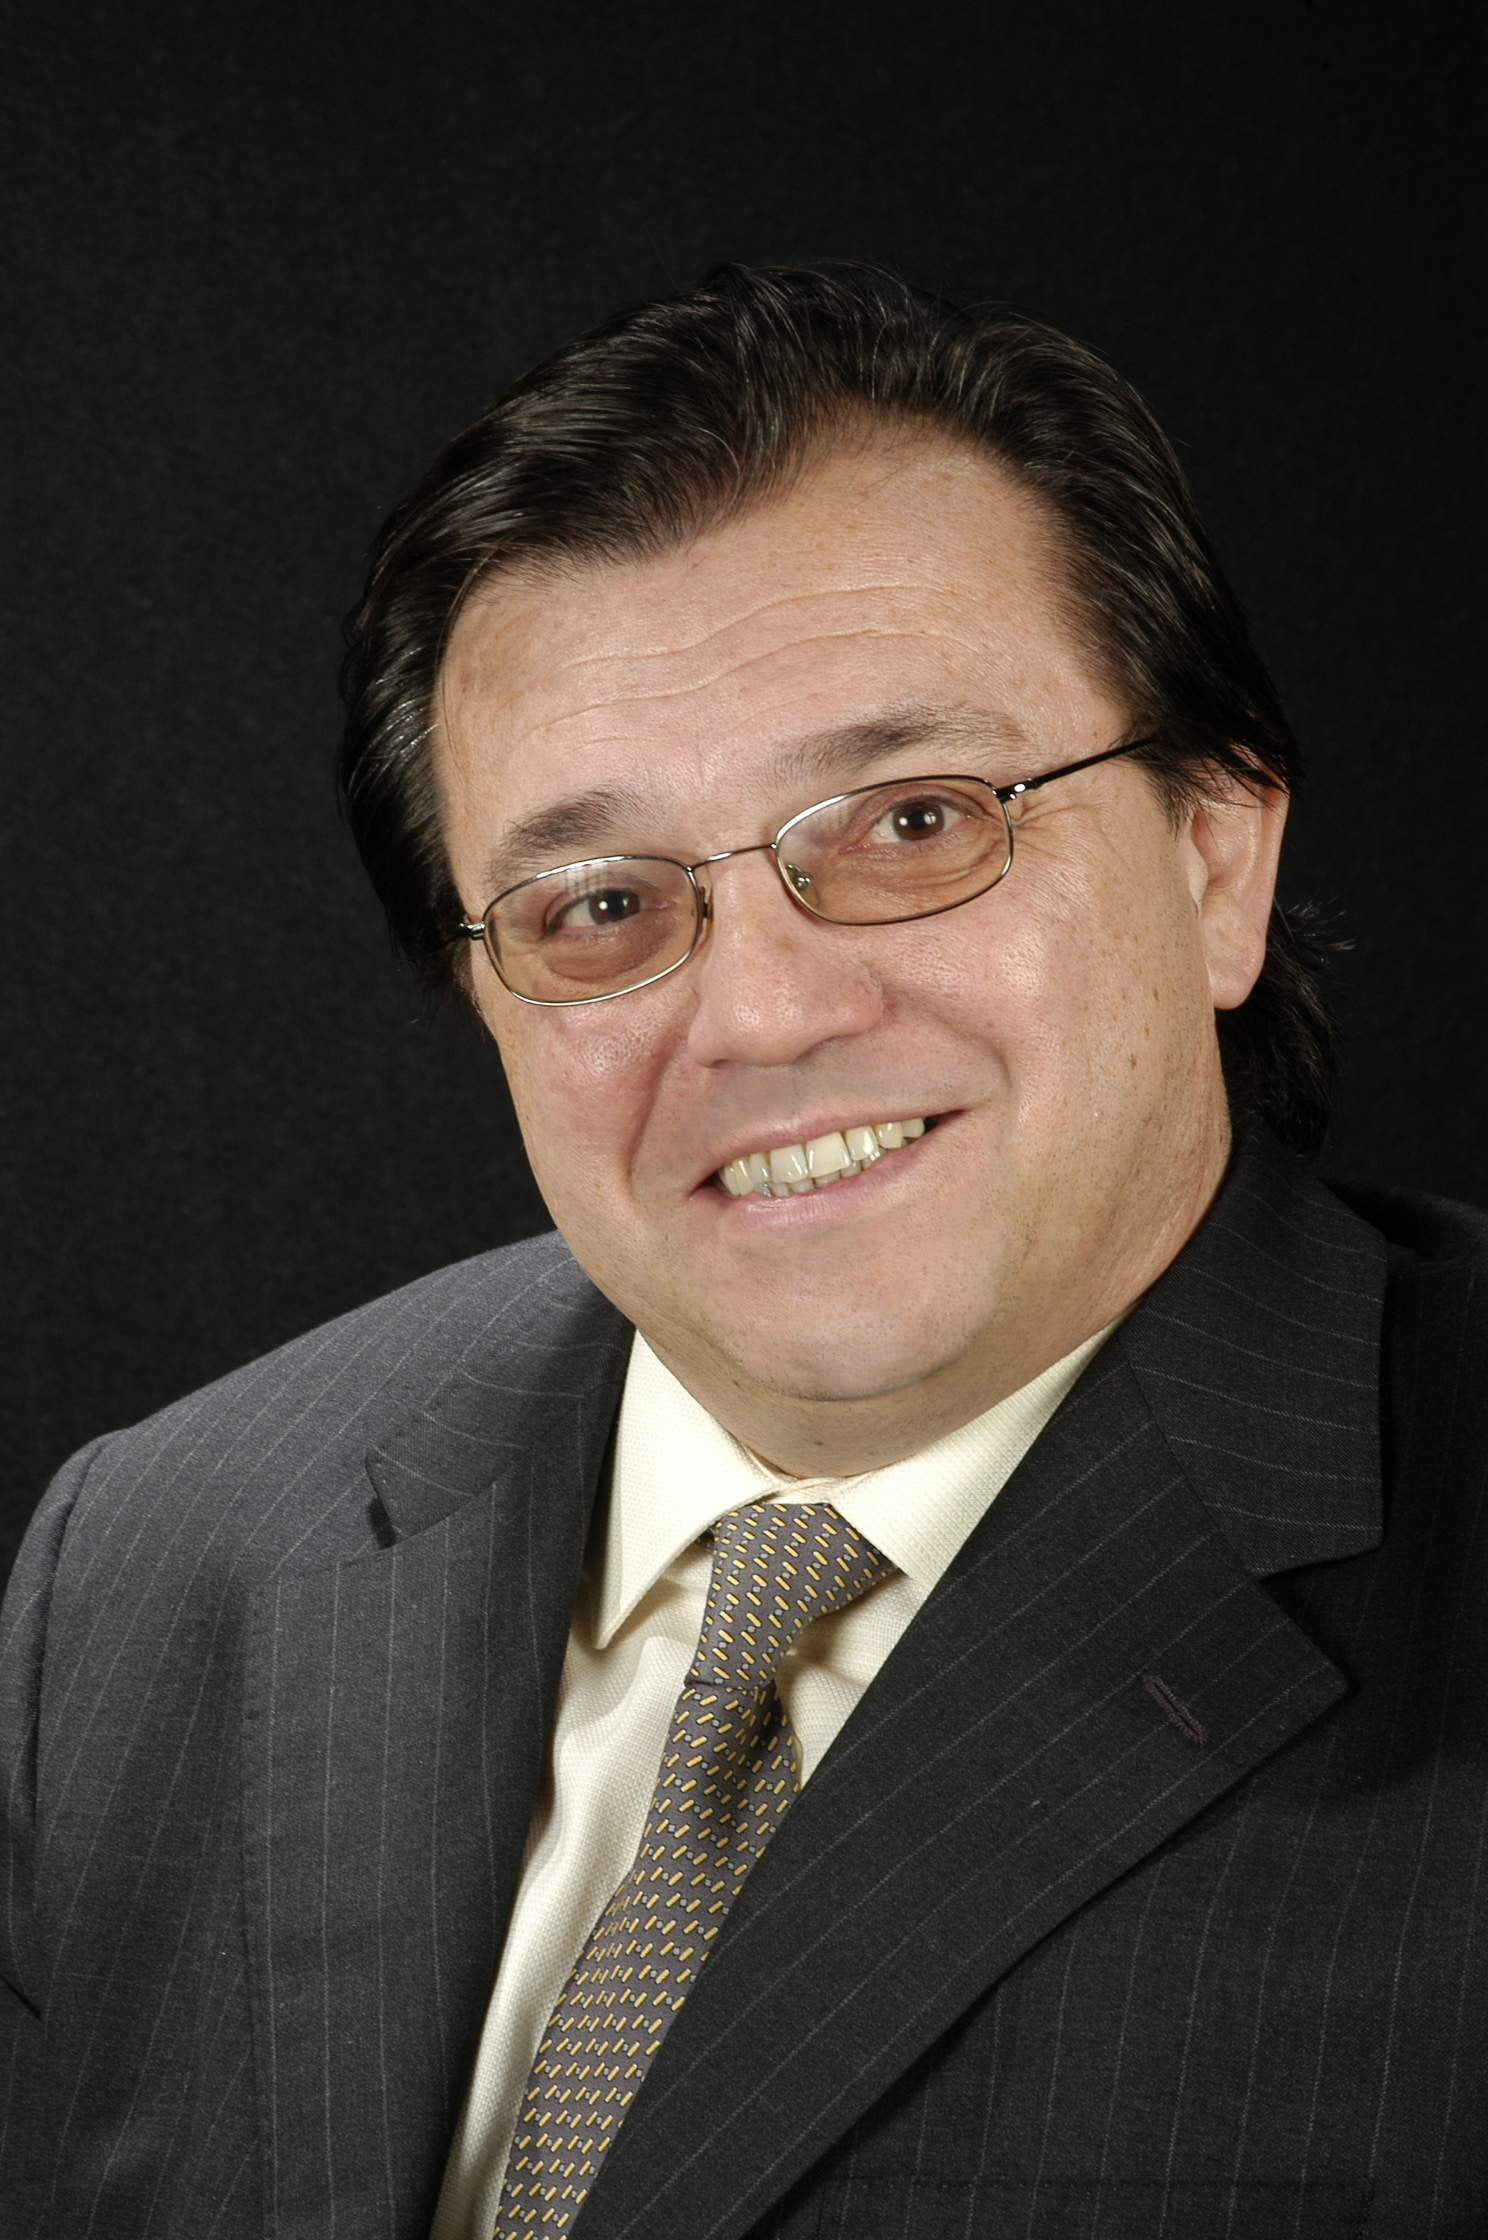 Dr. Jesús Acebillo Marín